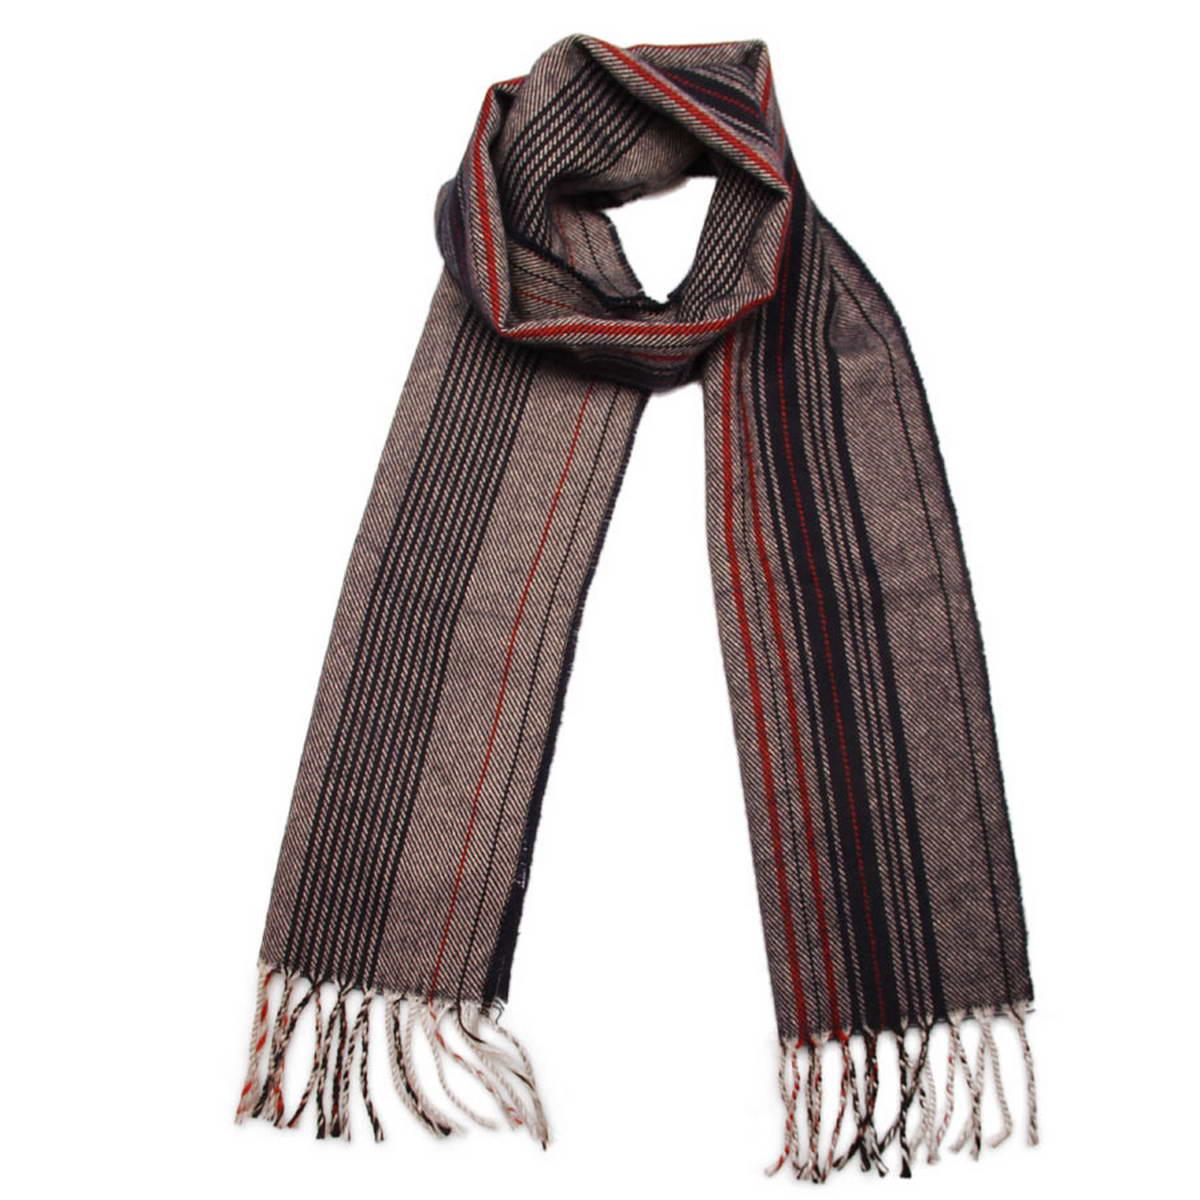 Шарф5002832-3Элегантный мужской шарф Venera согреет вас в холодное время года, а также станет изысканным аксессуаром, который призван подчеркнуть ваш стиль и индивидуальность. Оригинальный теплый шарф выполнен из высококачественной пряжи на основе шерсти с добавлением акрила. Шарф оформлен узором в полоску и дополнен жгутиками по краю. Такой шарф станет превосходным дополнением к любому наряду, защитит вас от ветра и холода и позволит вам создать свой неповторимый стиль.